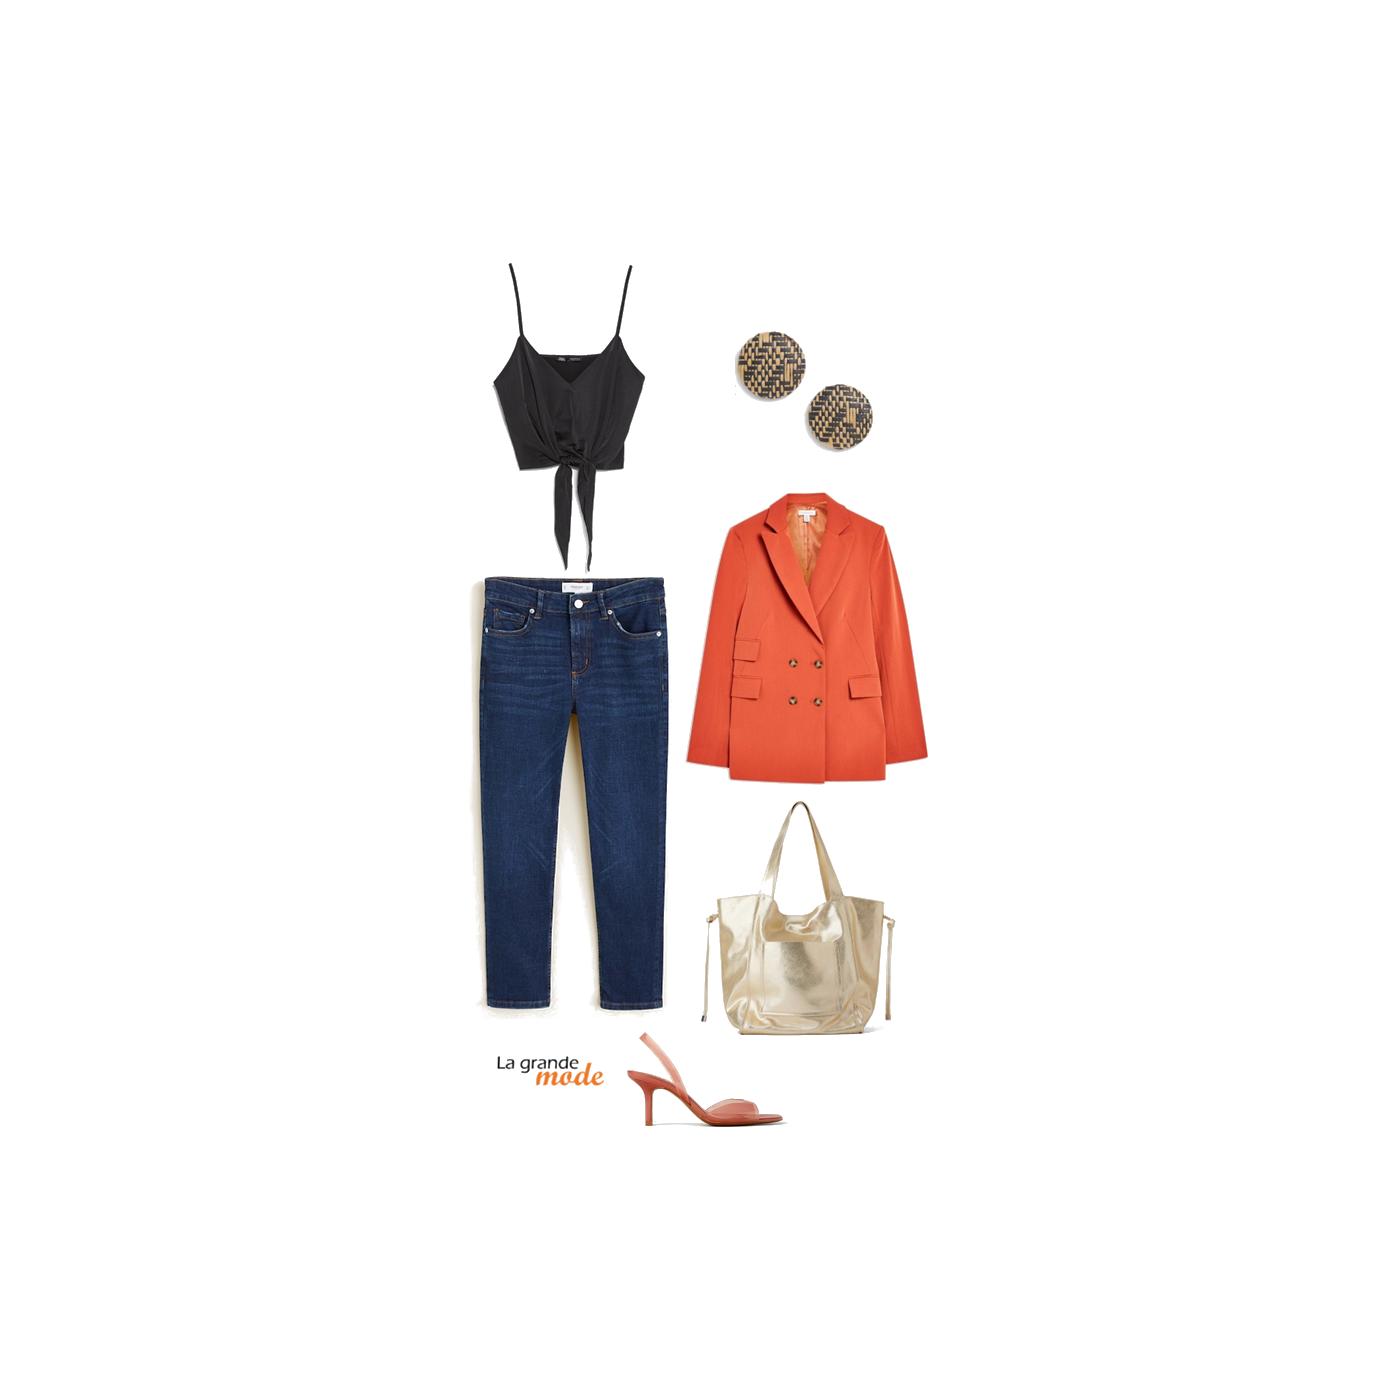 La Grande Mode - Idée look jean brut & veste orange - Tendance mode printemps été 2019